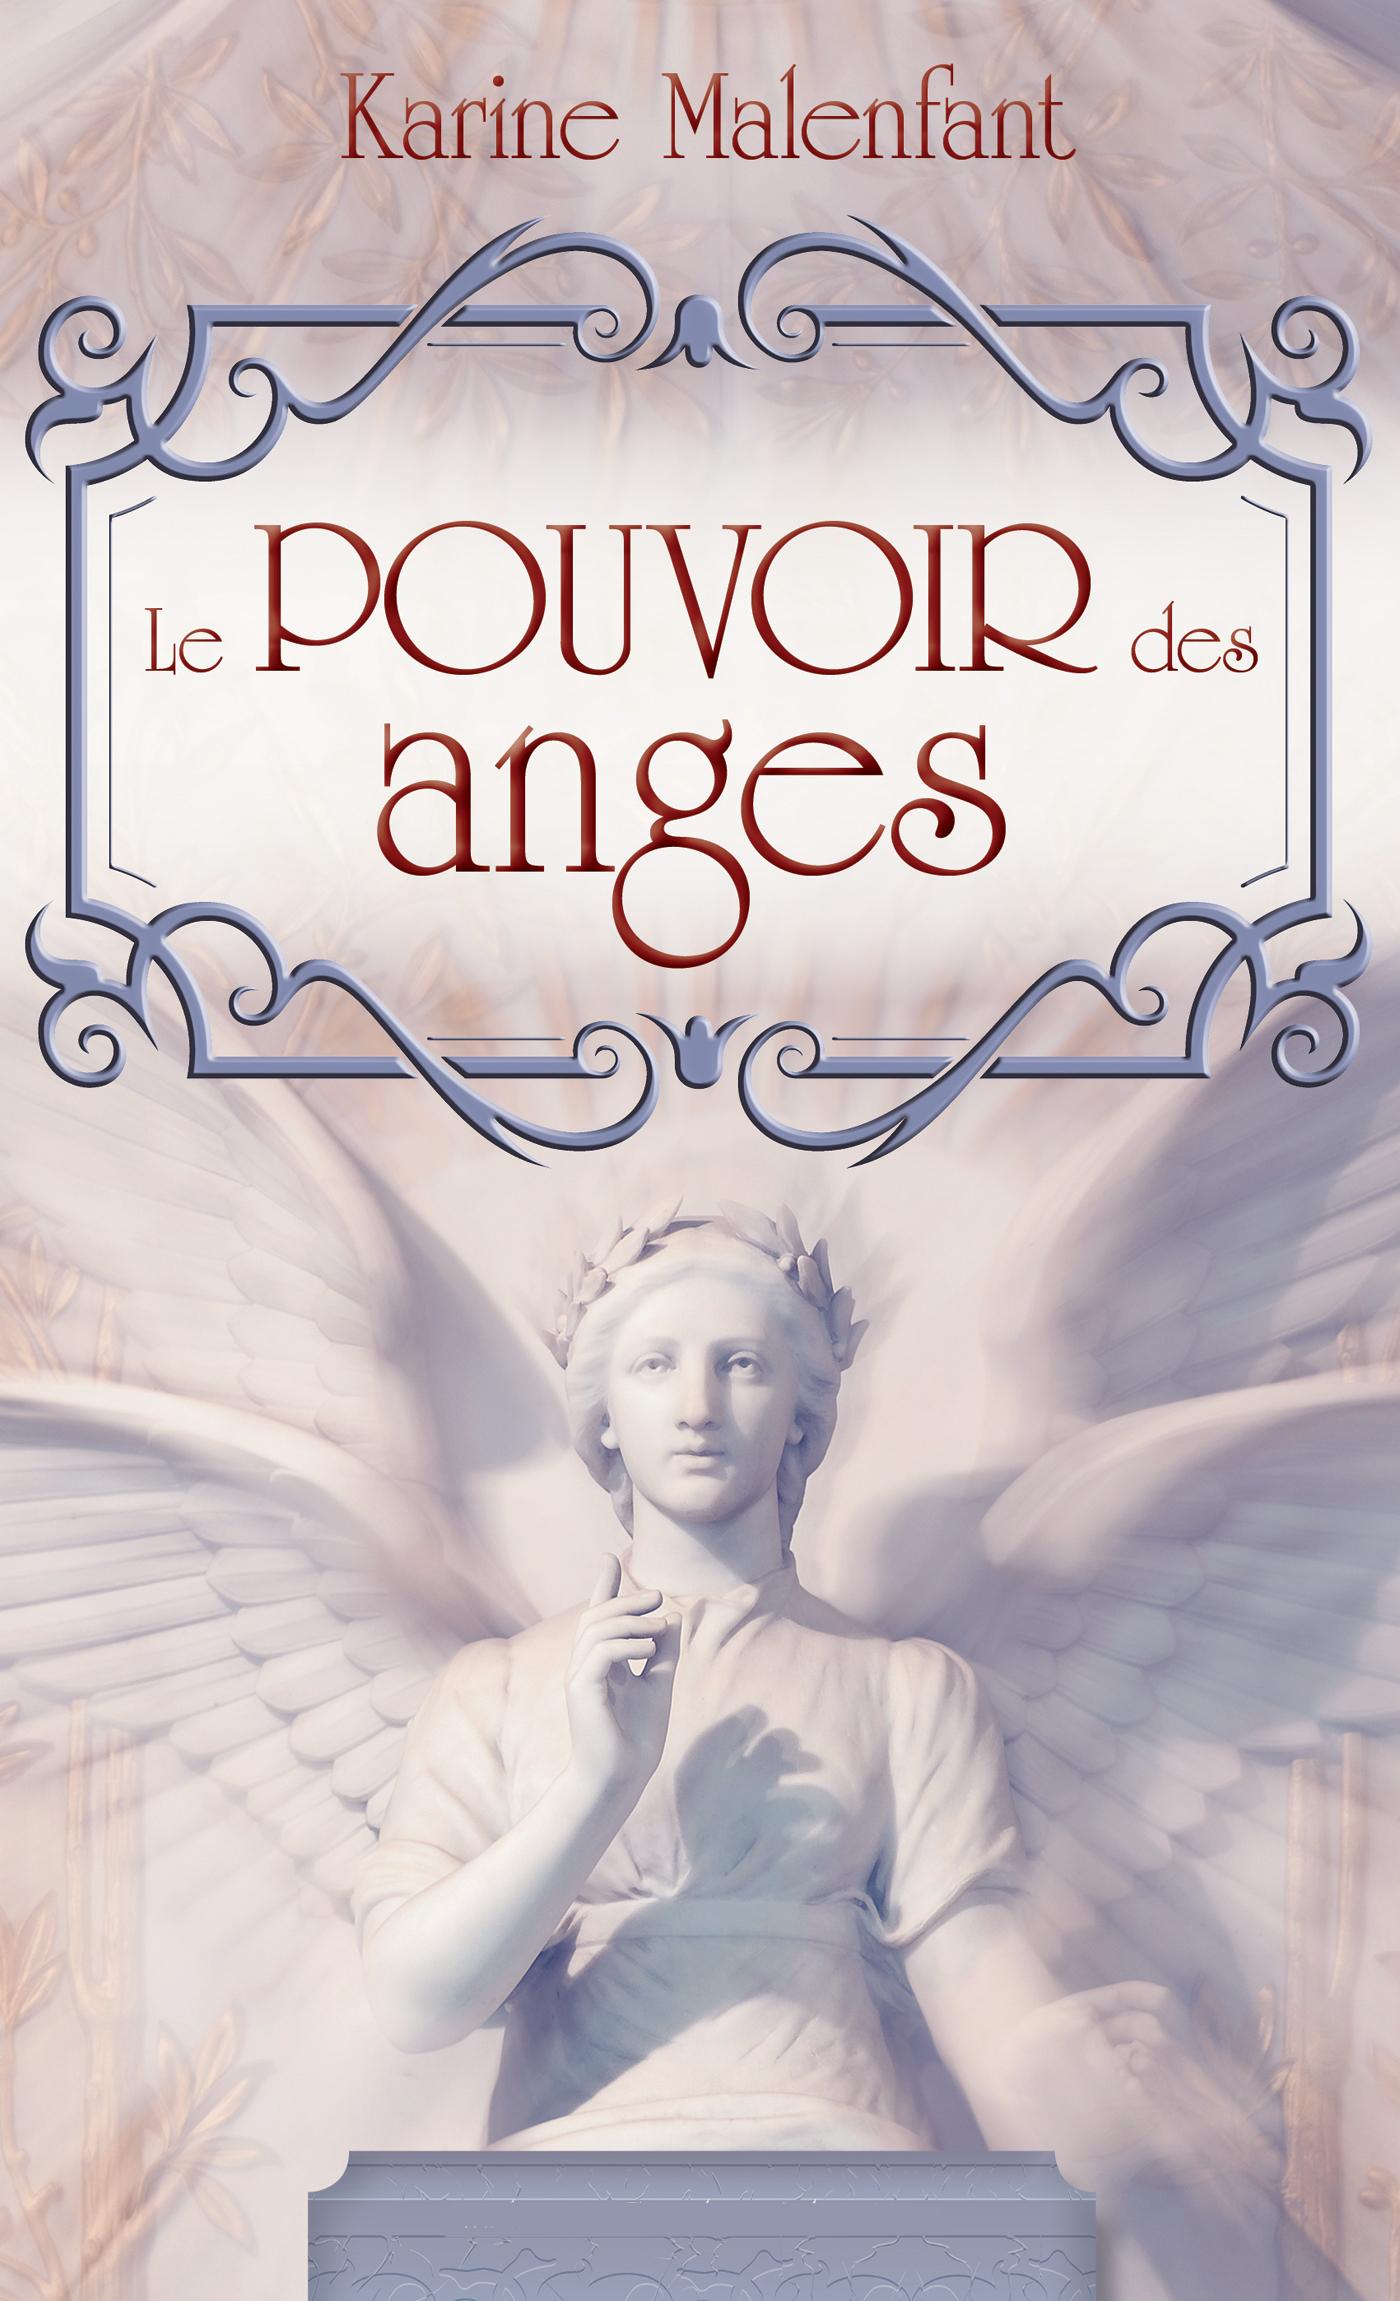 Le pouvoir des anges